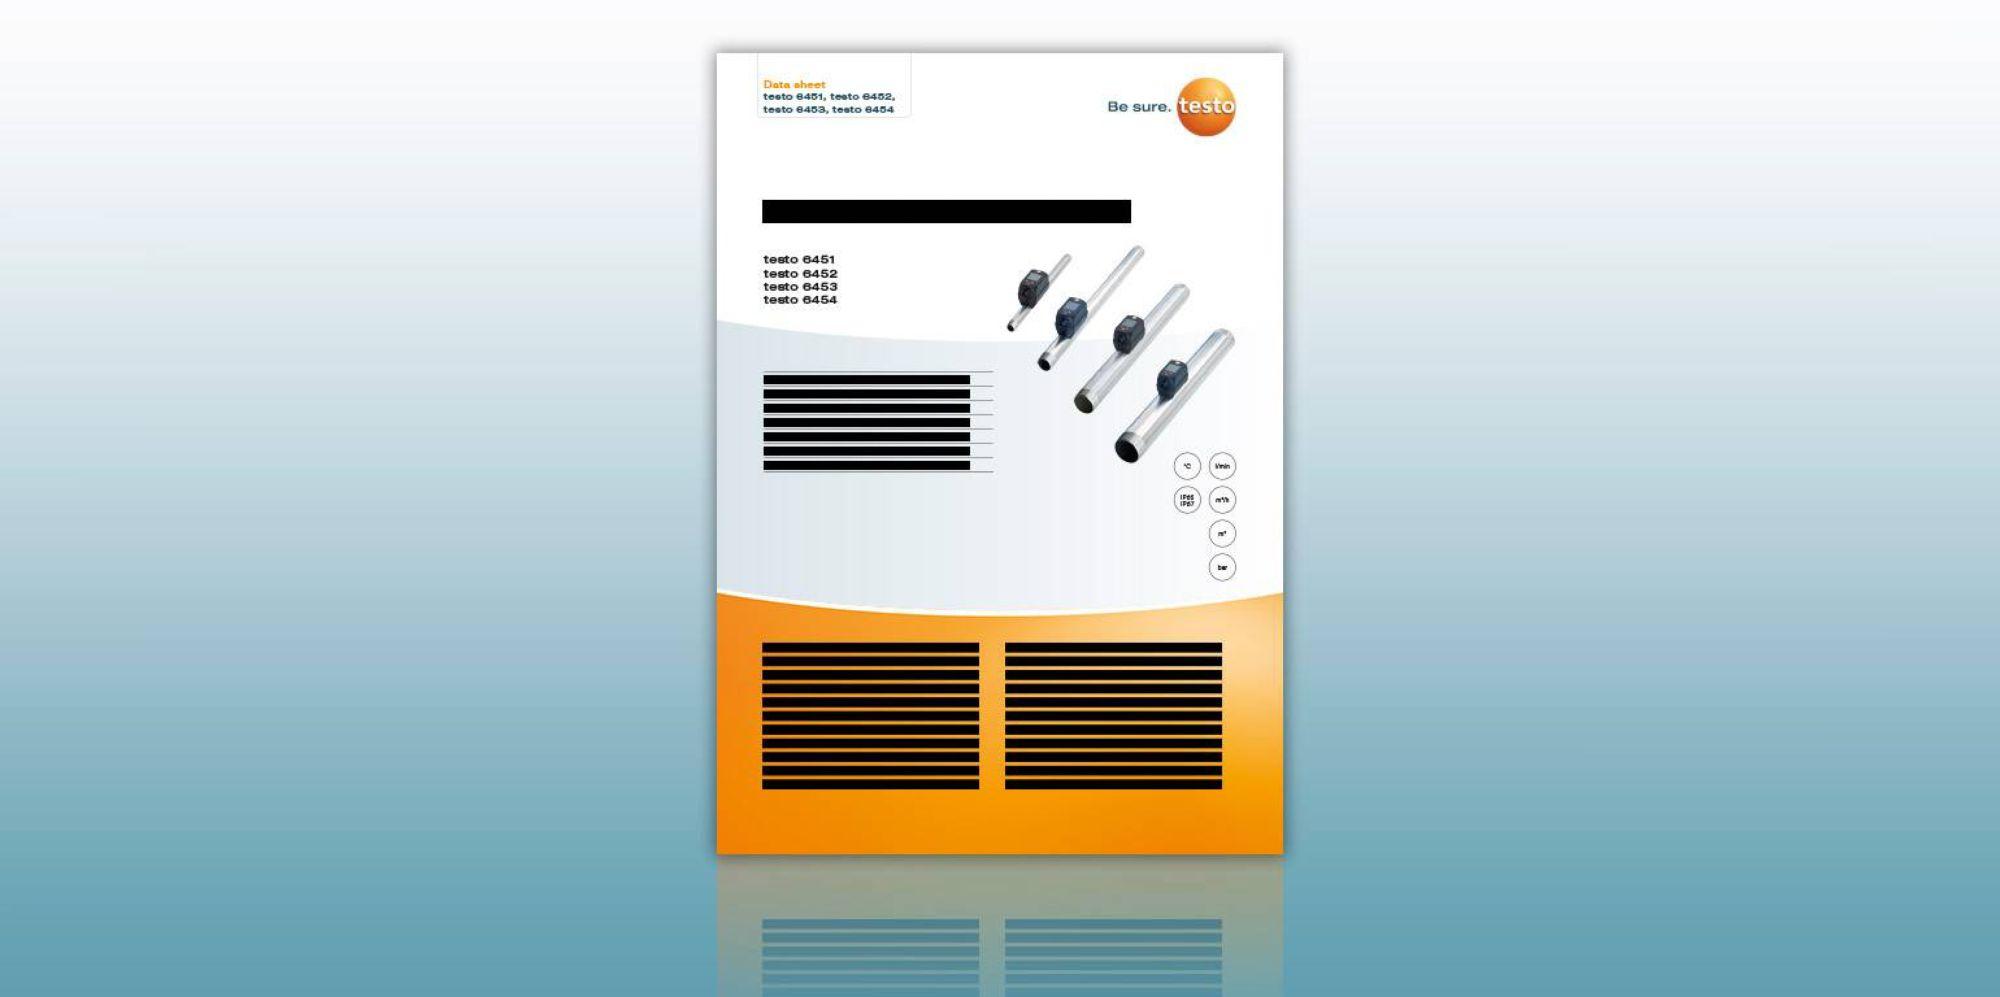 Teaser-testo-sensor-Datasheet-6451-1540x768.jpg